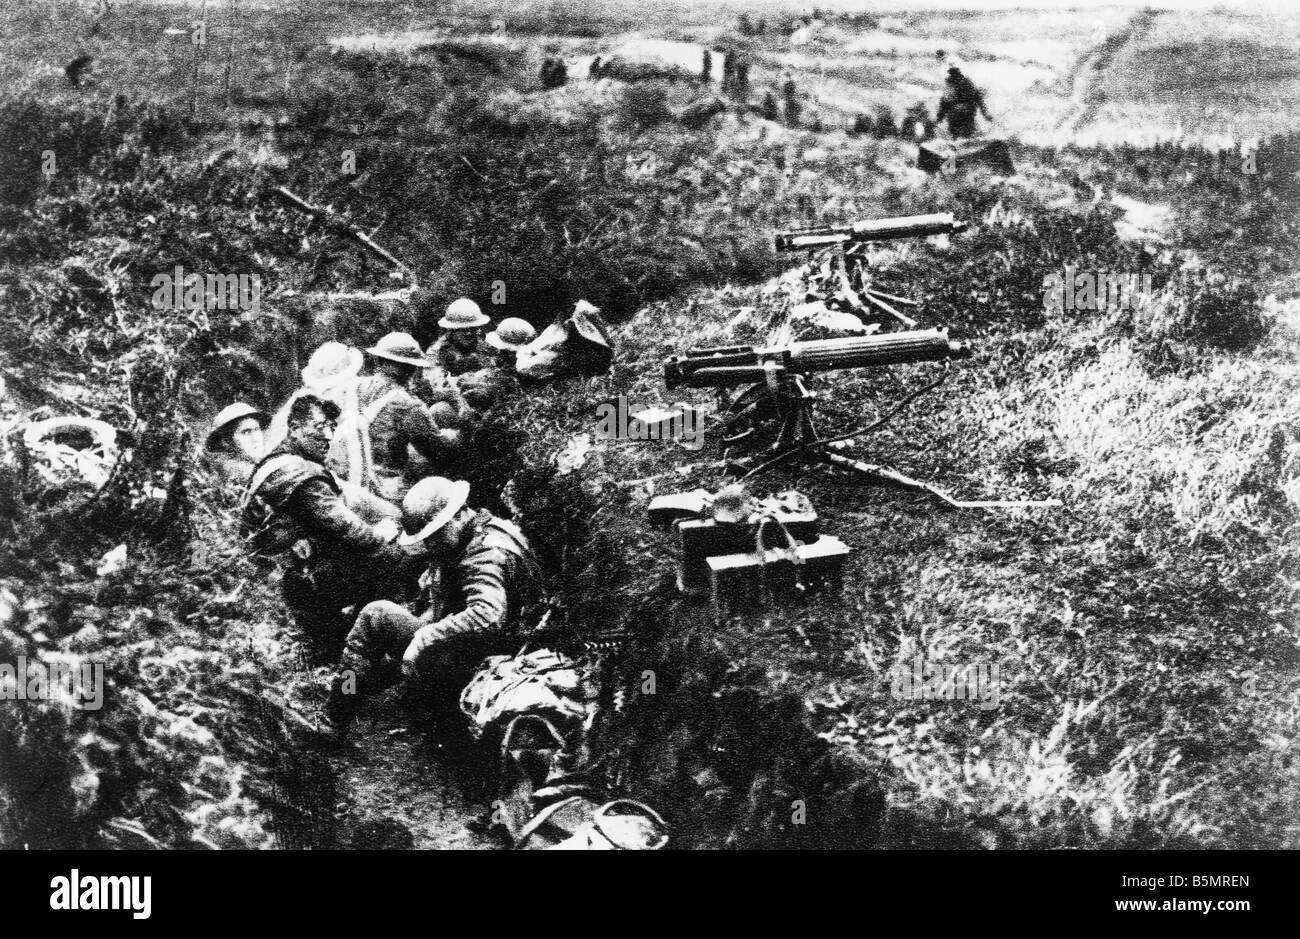 9-1917-11-20 A2 24 E Schlacht von Cambrai 1917 Eng Maschinengewehren WWI 1914-18 britische Armee Frankreich Schlacht Stockbild